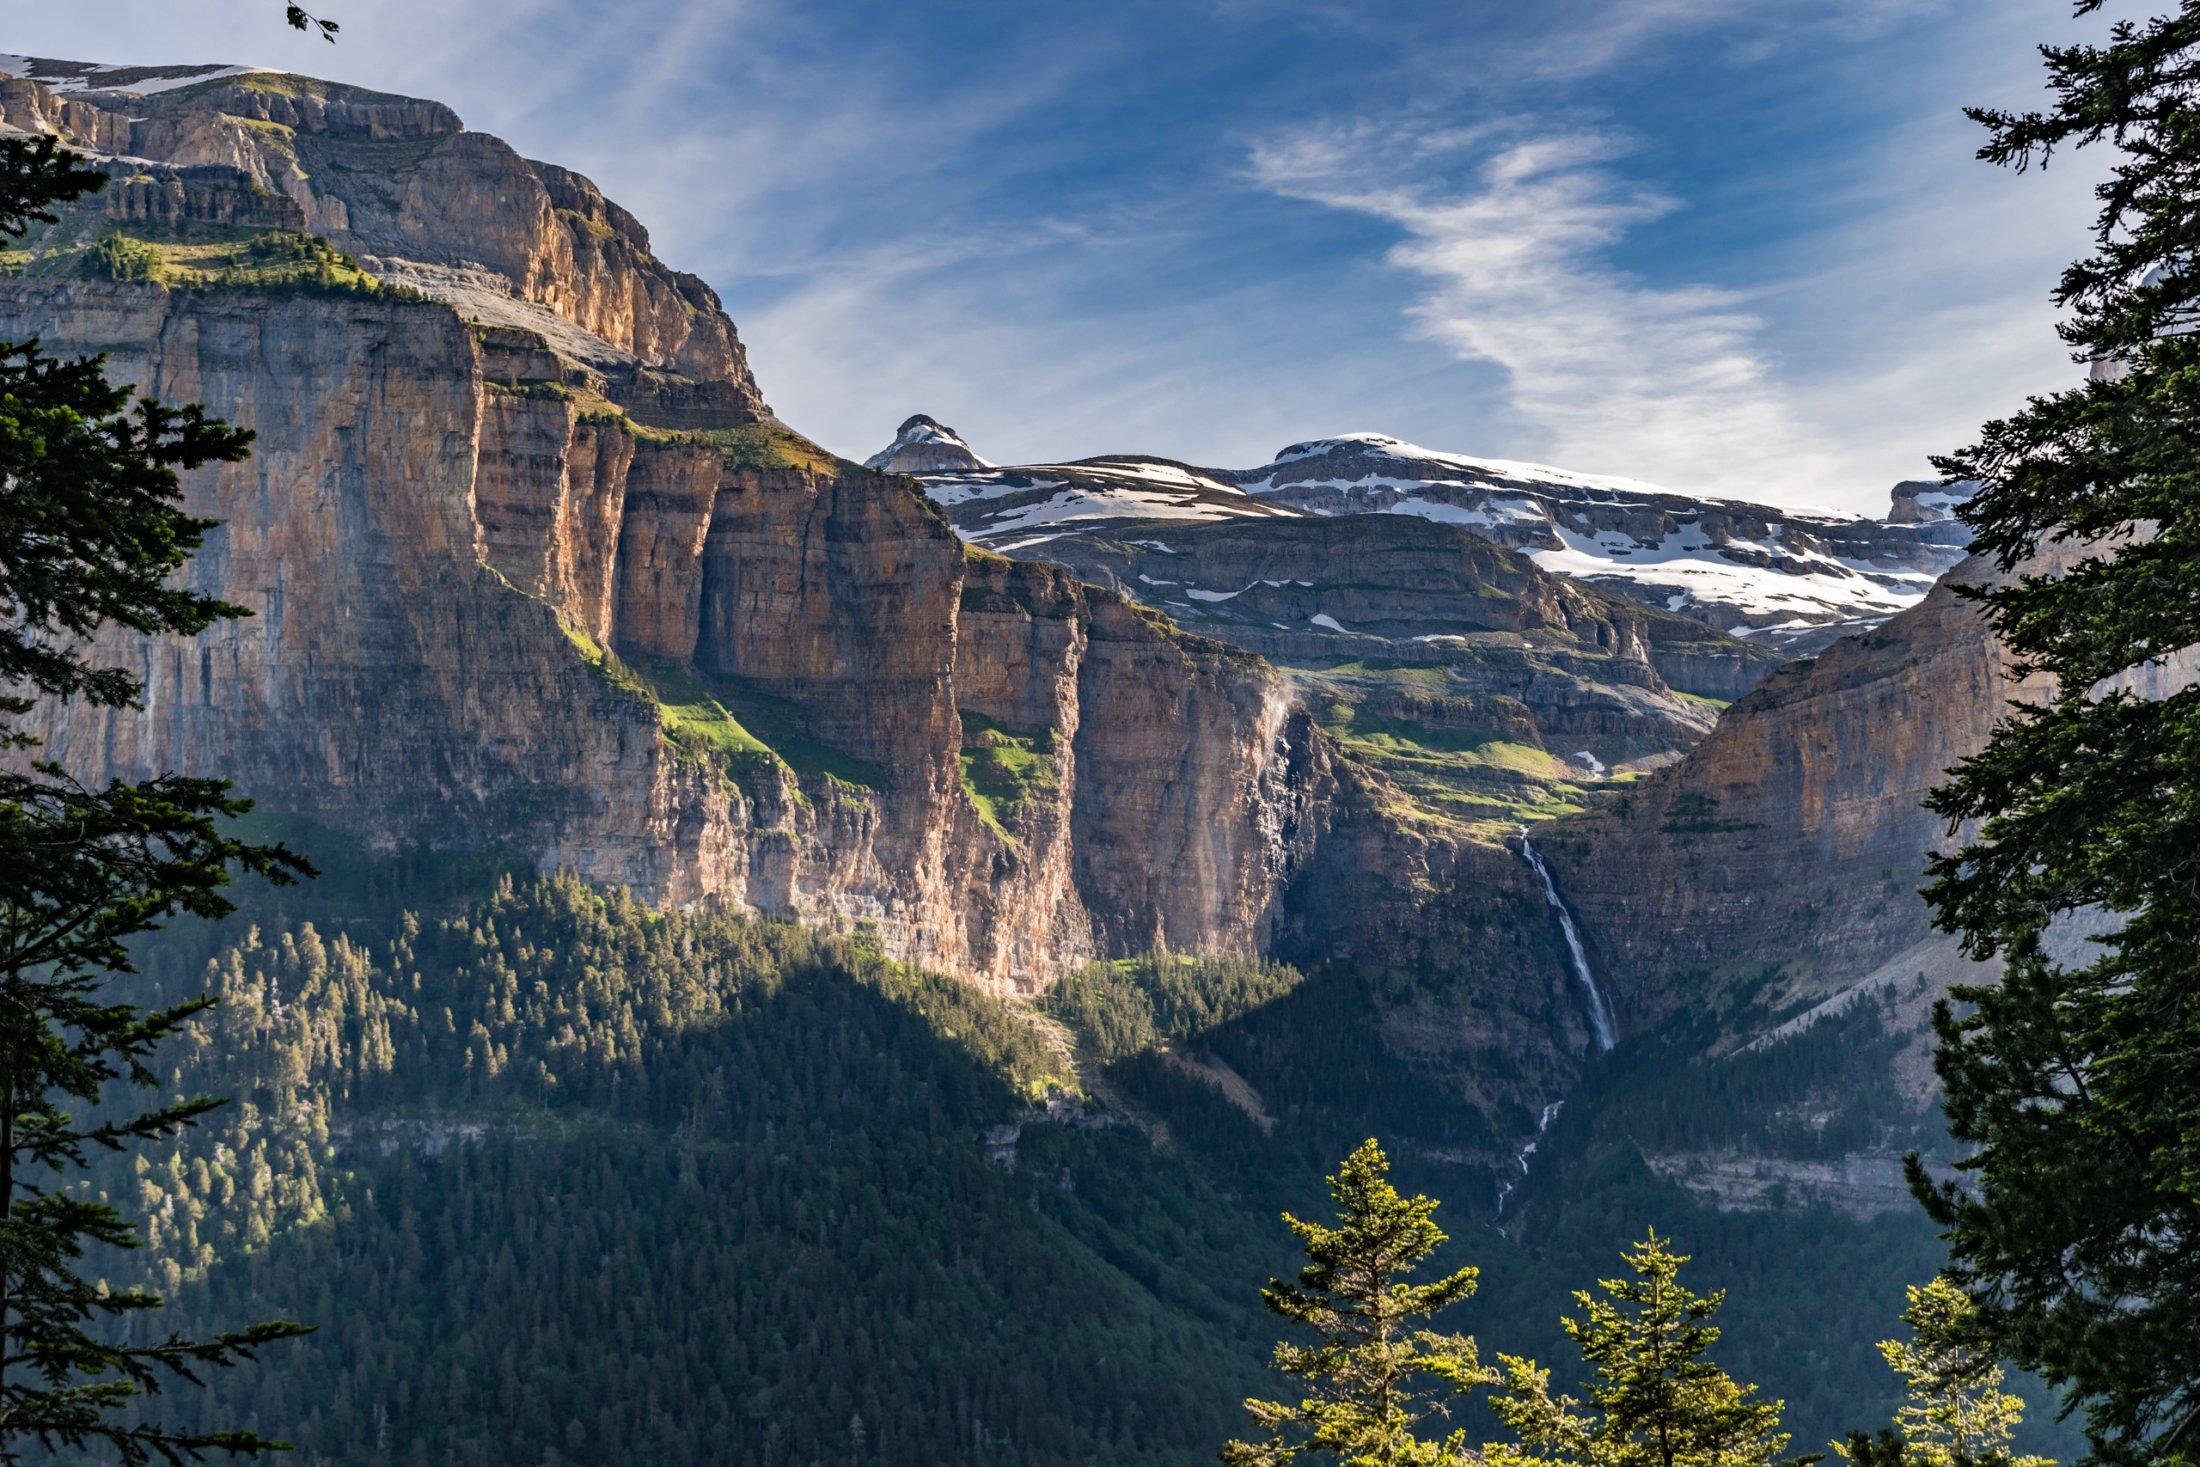 Waterfall in Ordesa Canyon